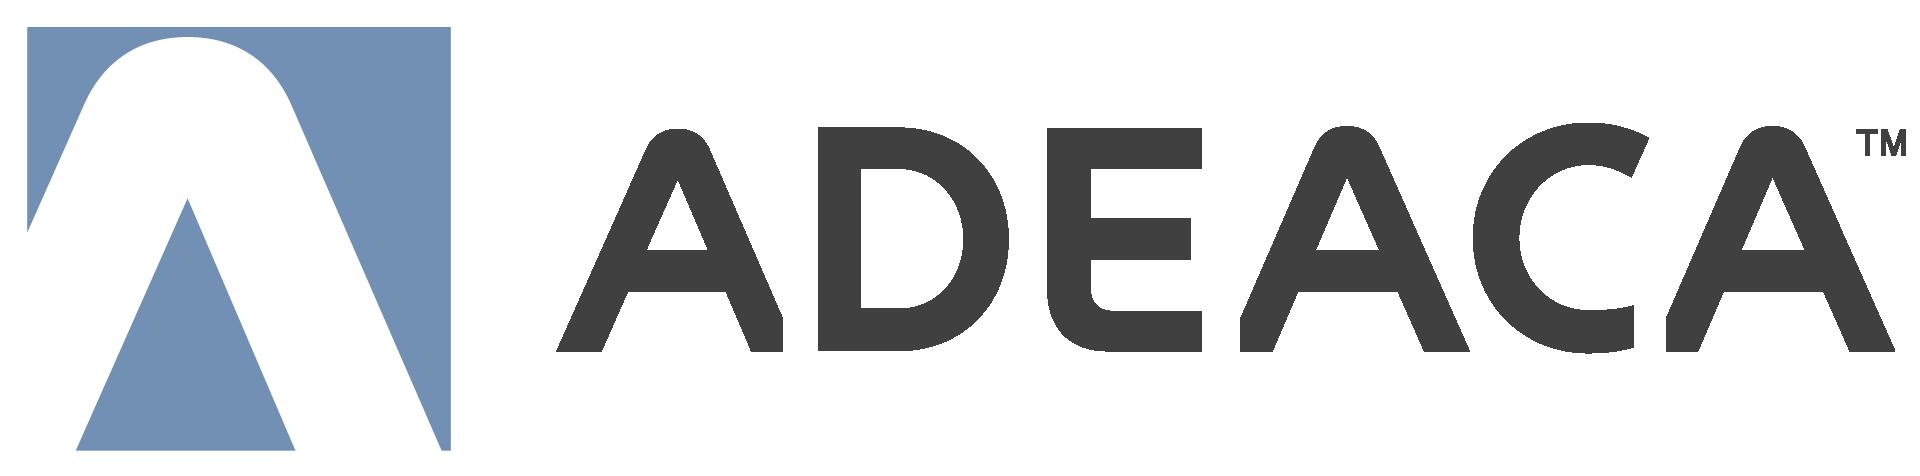 Matt Mong of ADEACA Featured on Industrial Talk Podcast